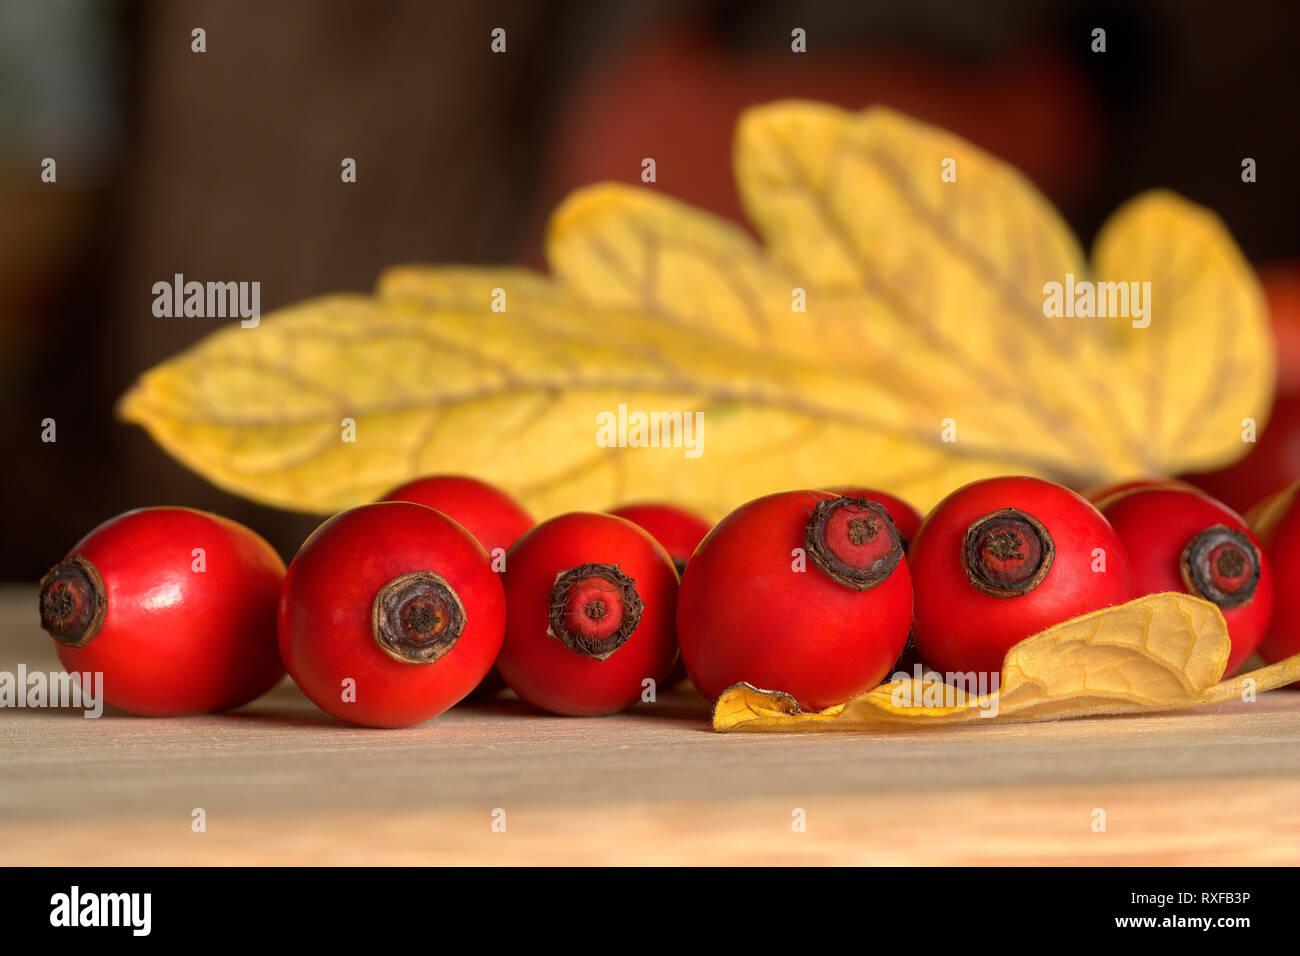 Hagebutten Reihe mit Blatt im Hintergrund - Stock Image